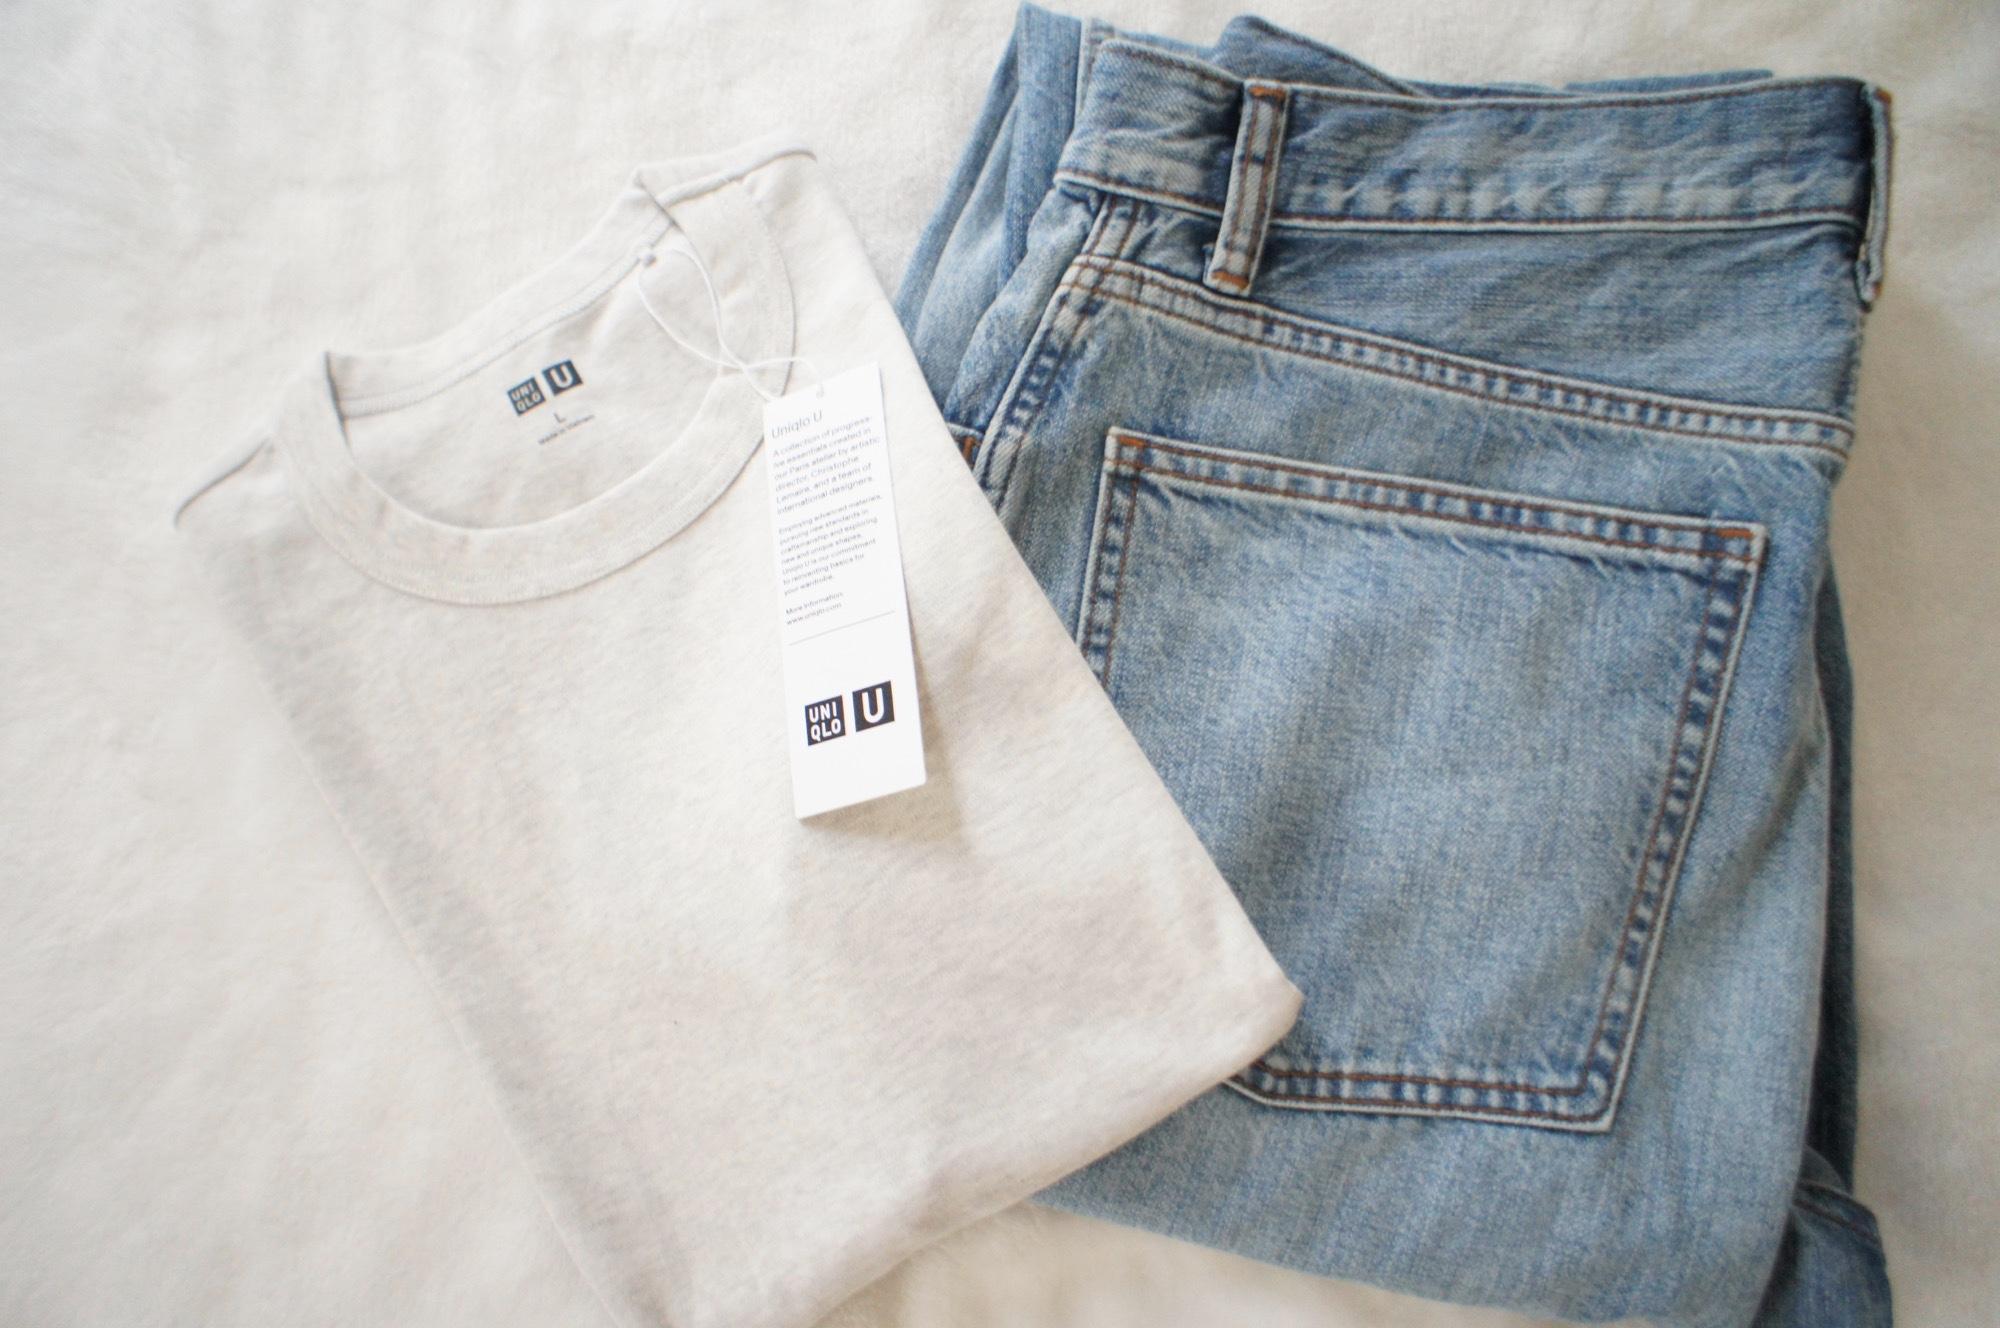 ユニクロのTシャツ特集 - UTやユニクロ ユーなど、夏の定番無地Tシャツ、限定コラボTシャツまとめ_8